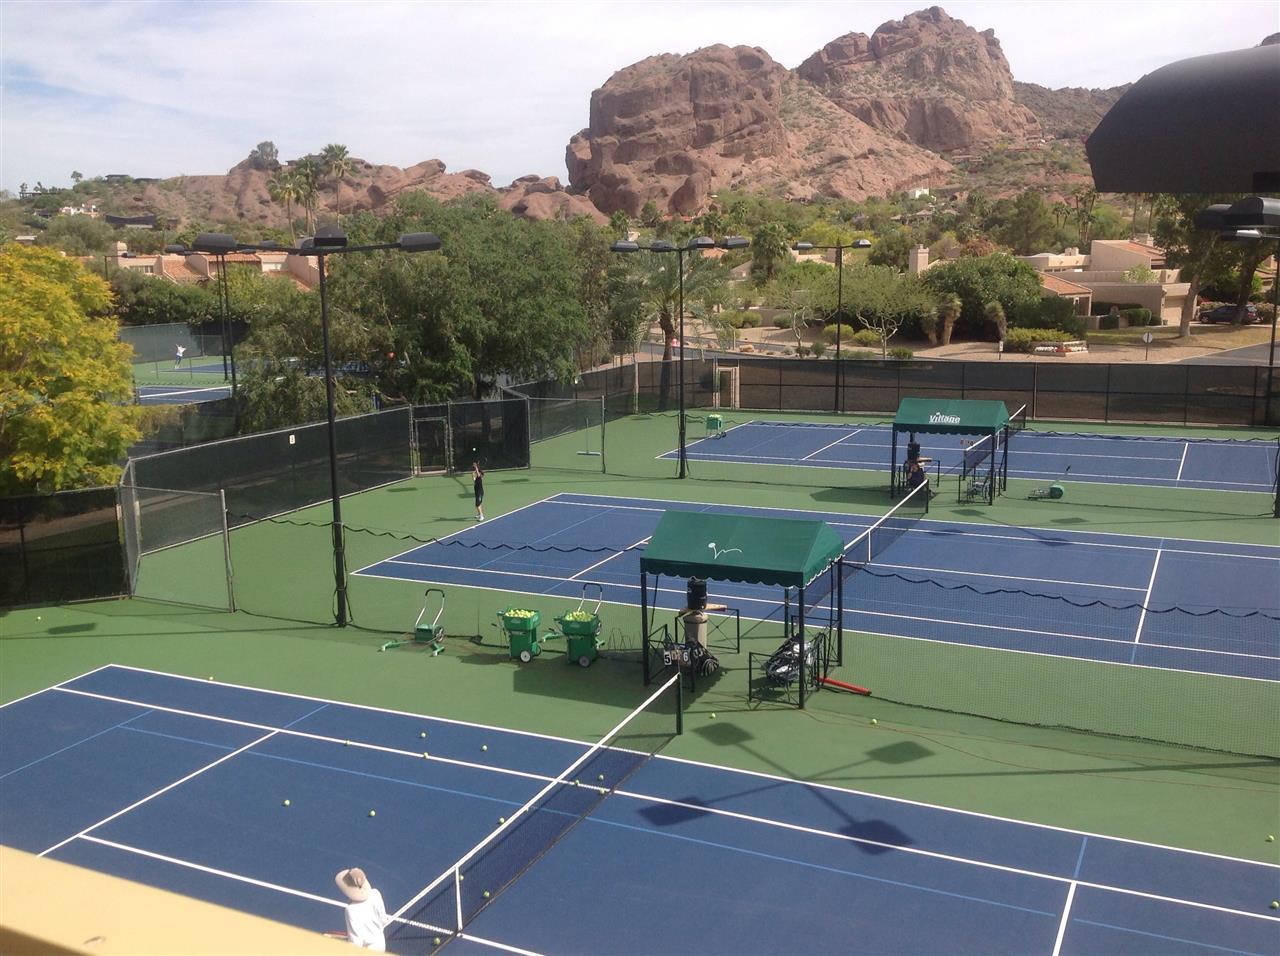 Tennis at The Village on Camelback Phoenix AZ